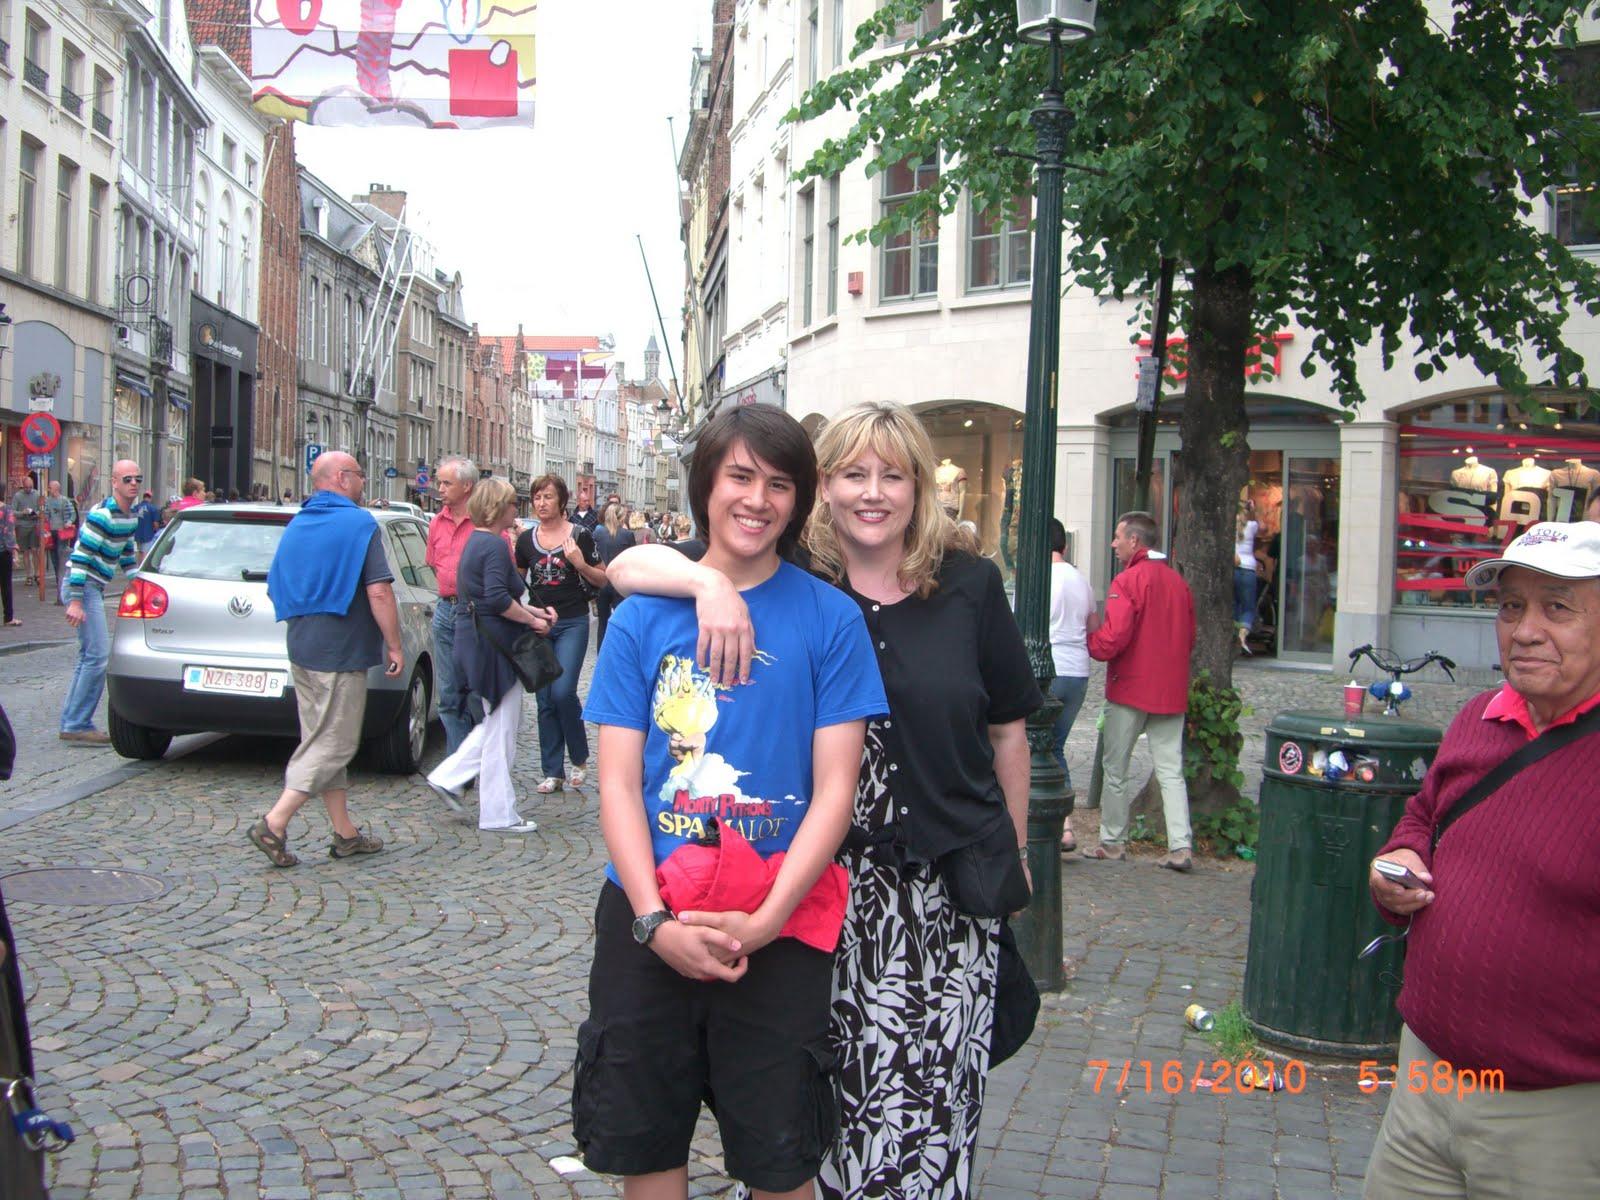 http://2.bp.blogspot.com/_j5hpRPxFQkU/TFXQn2pHncI/AAAAAAAAAjQ/B1zh-y-Drsw/s1600/Mickie+Alex+Brugge+2010.jpg